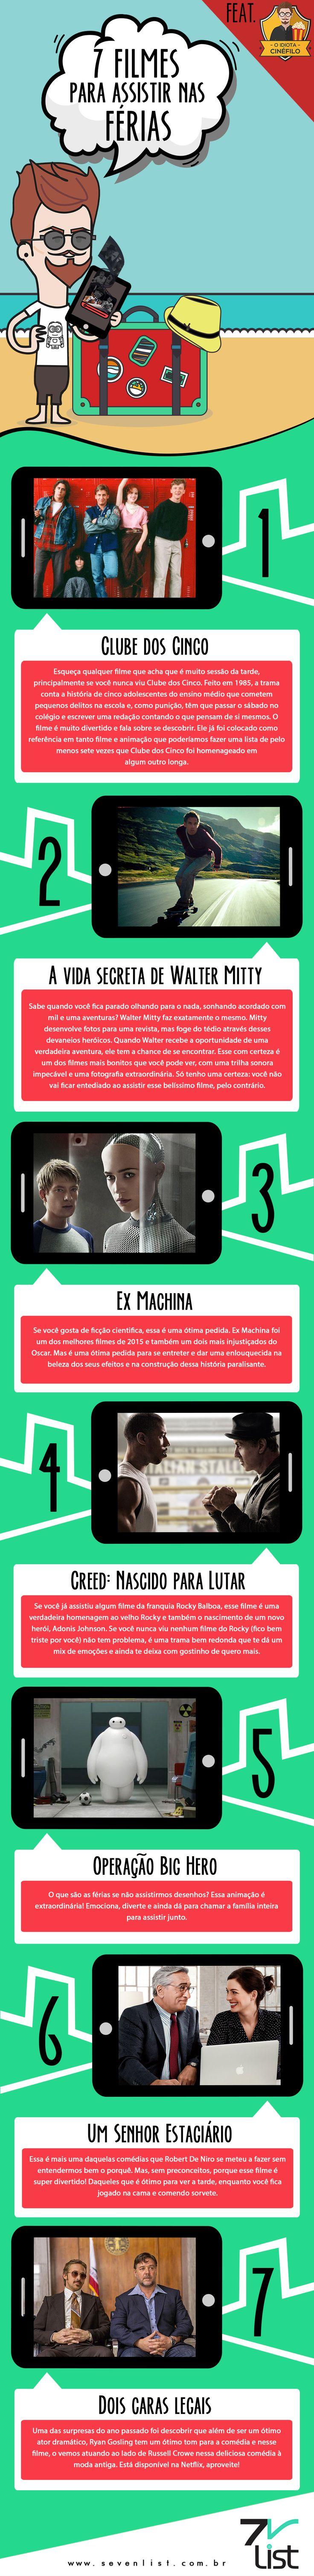 Hoje é o dia oficial do Idiota Cinéfilo passar por aqui, e na primeira semana do ano, no auge das férias de verão, ele precisava falar sobre isso né?! Veja 7 filmes para assistir nas férias. #SevenList #IdiotaCinéfilo #Filmes #Film #Cinema #Cine #Férias #Summer #Netflix #Moveis #ExMachina #Disney #Pixar #DoisCarasLegais #Creed #ClubedosCinco #Infográfico #Design #Art #Blog